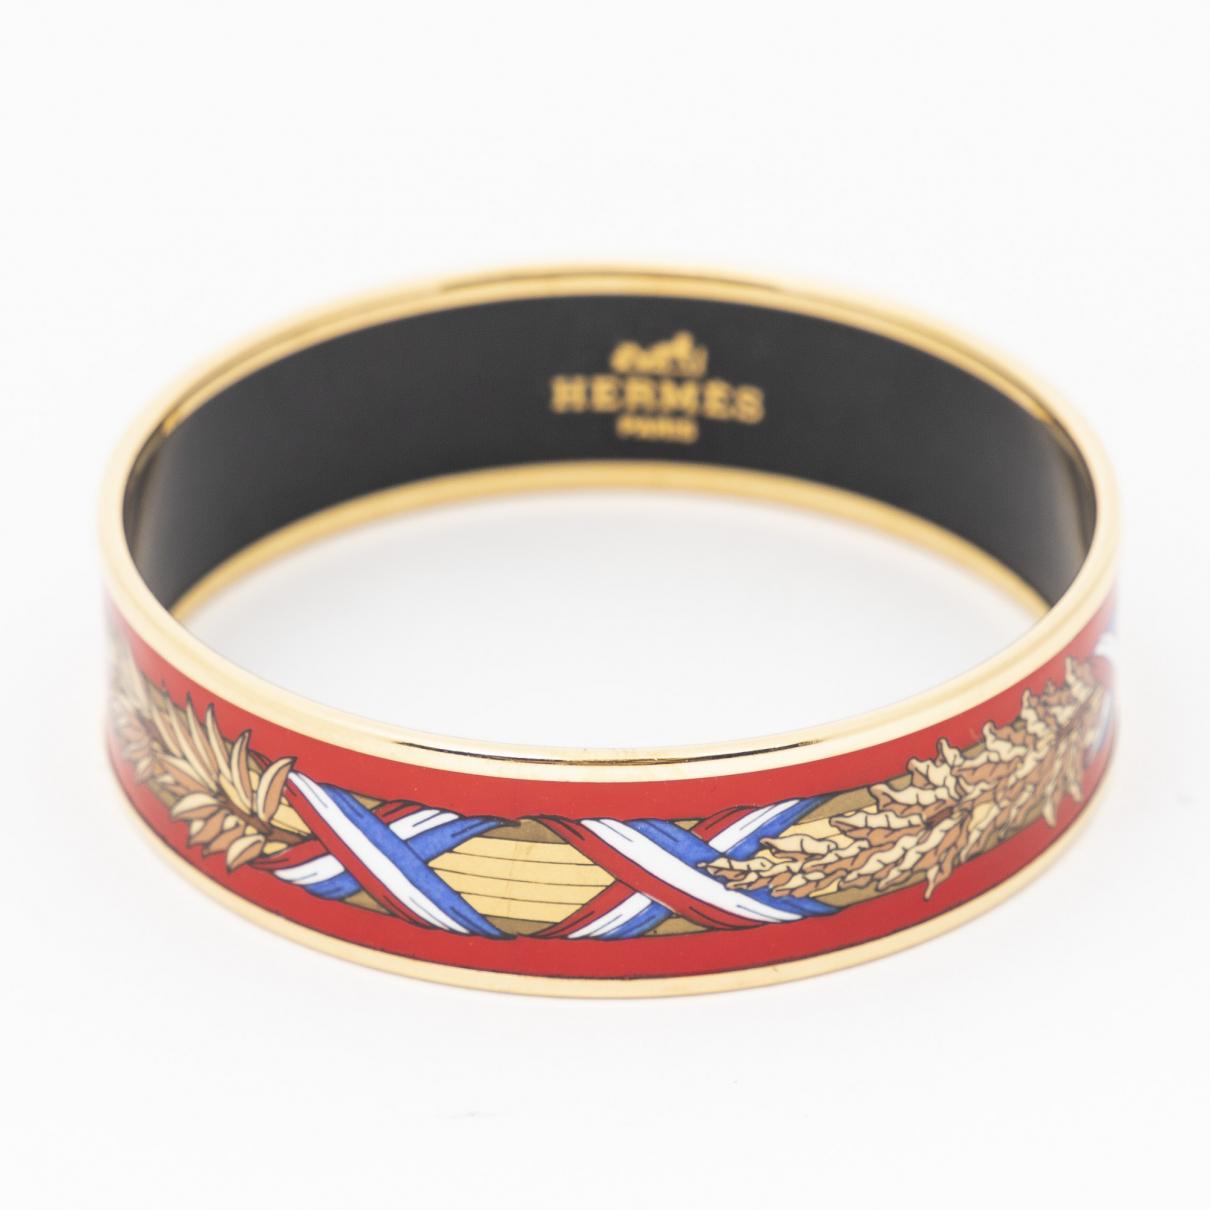 Hermes - Bracelet   pour femme en metal - rouge